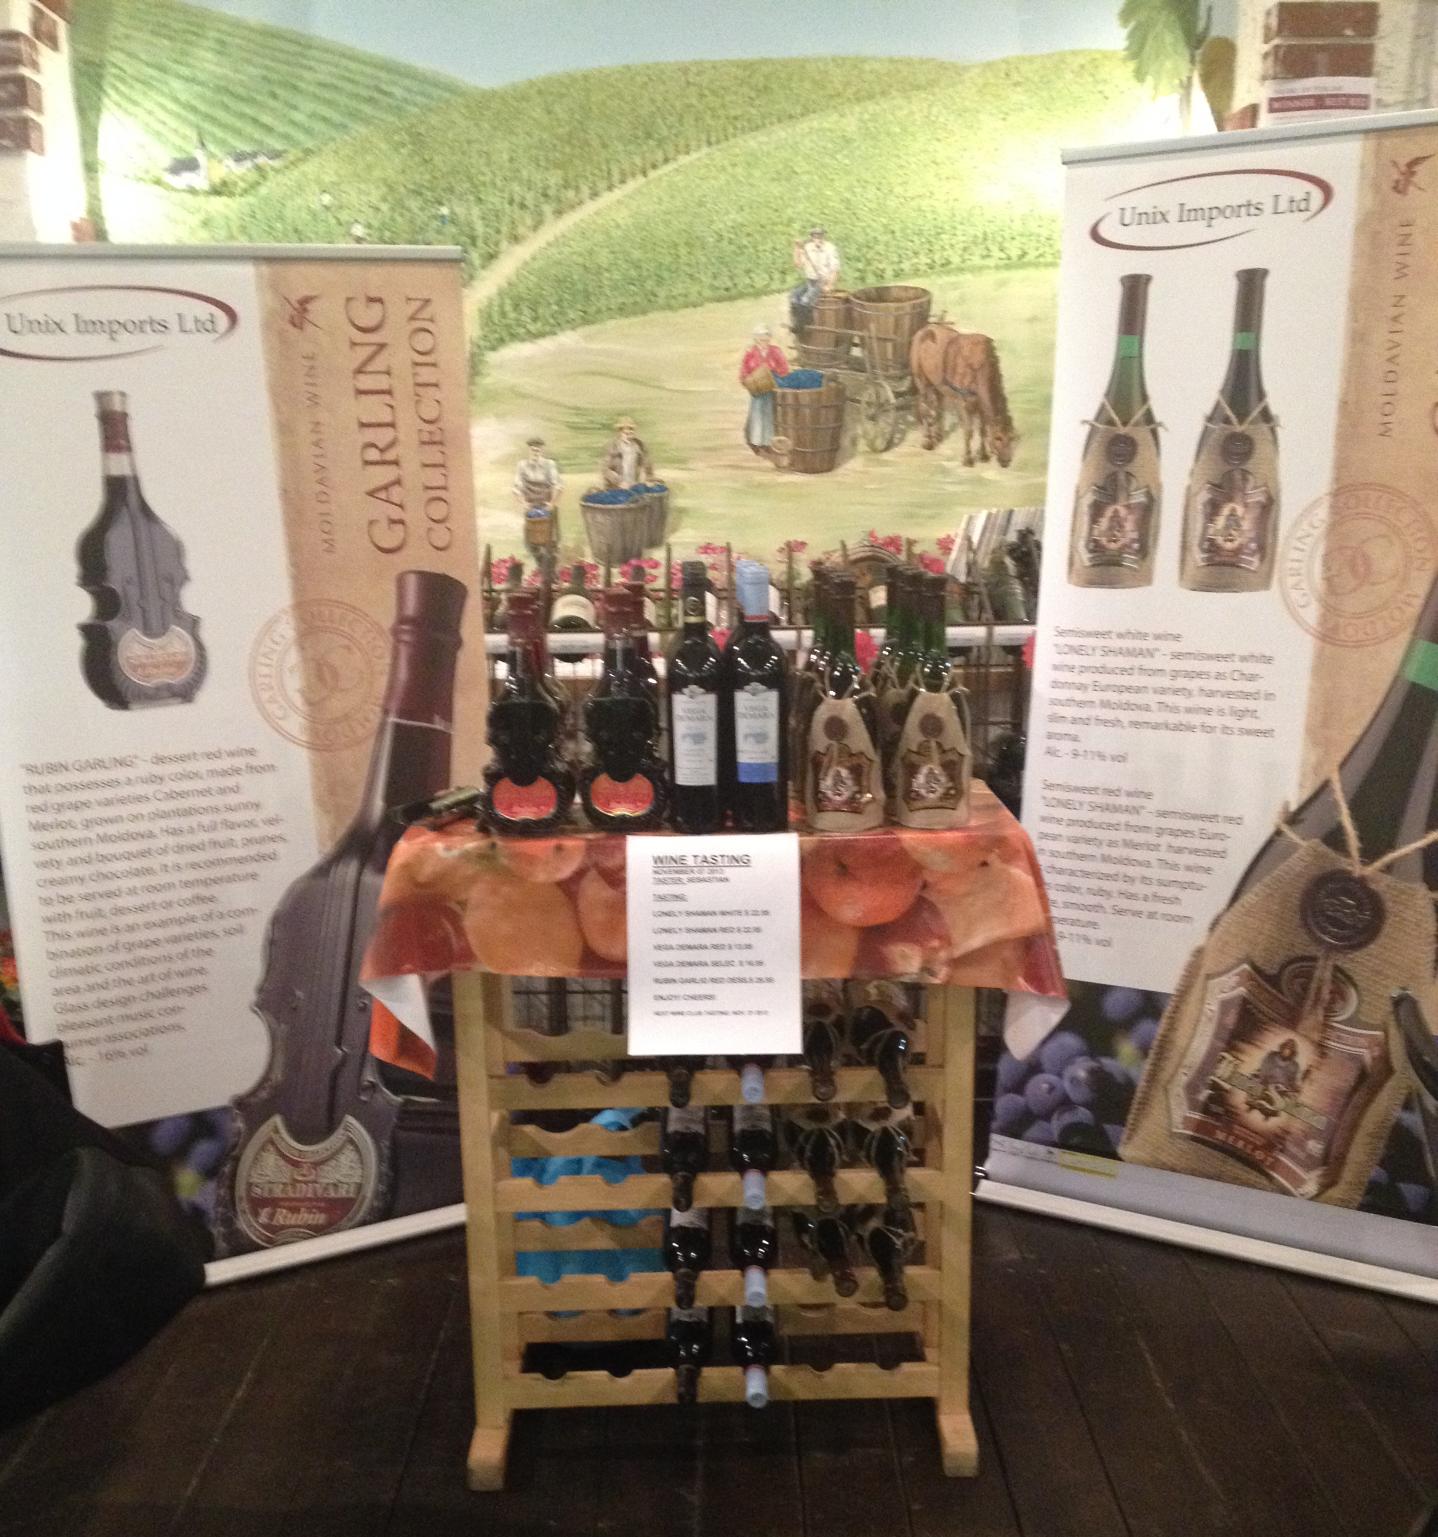 Athlone Wine Club Nov 8 2013